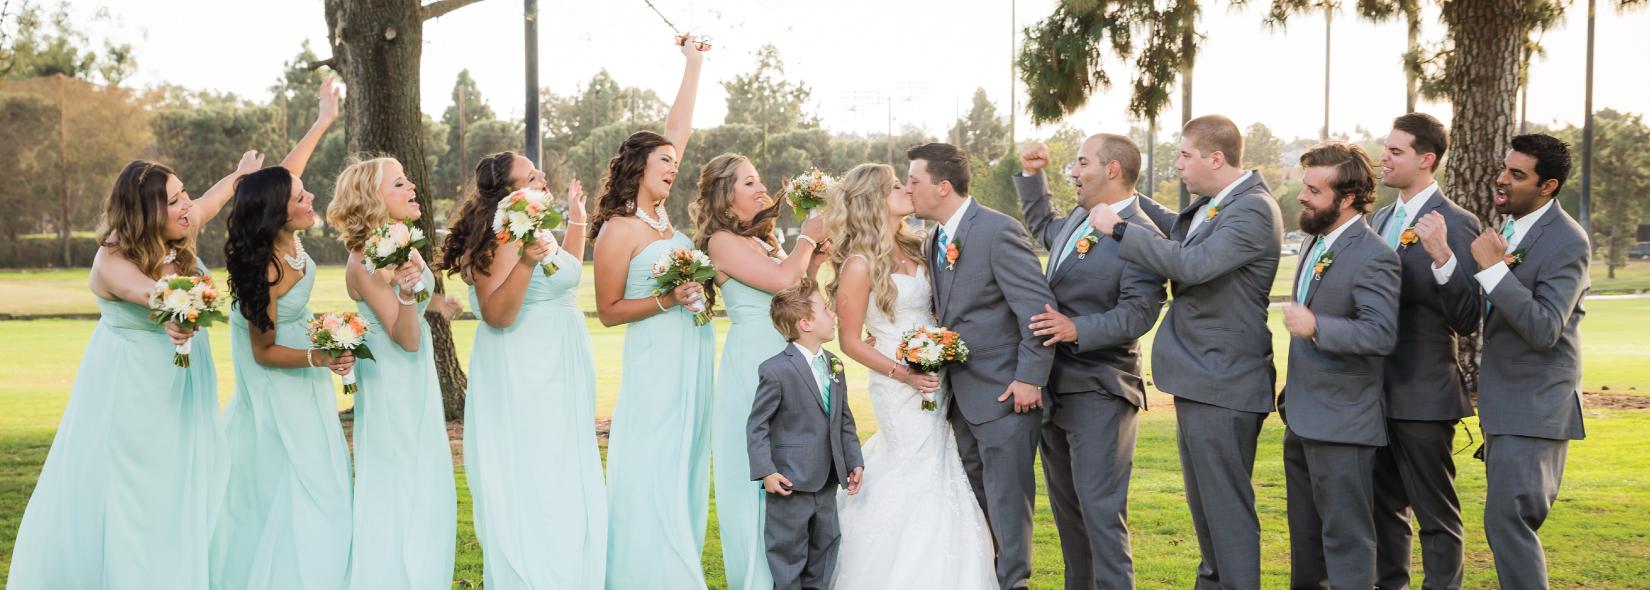 Outdoor Wedding Venue In Long Beach Rec Park 18